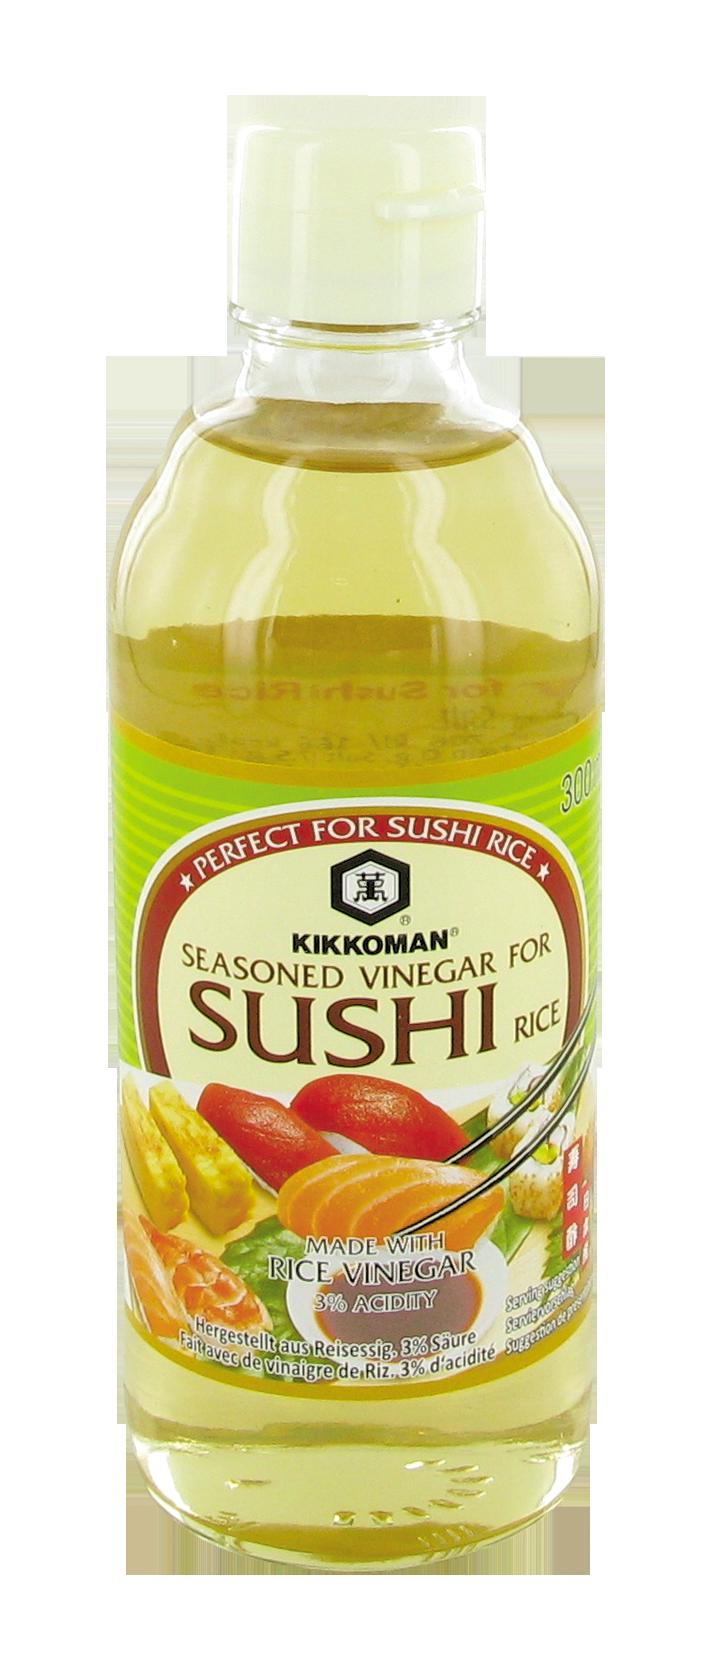 Assaisonnement au vinaigre pour riz à sushi, Kikkoman (300 ml)